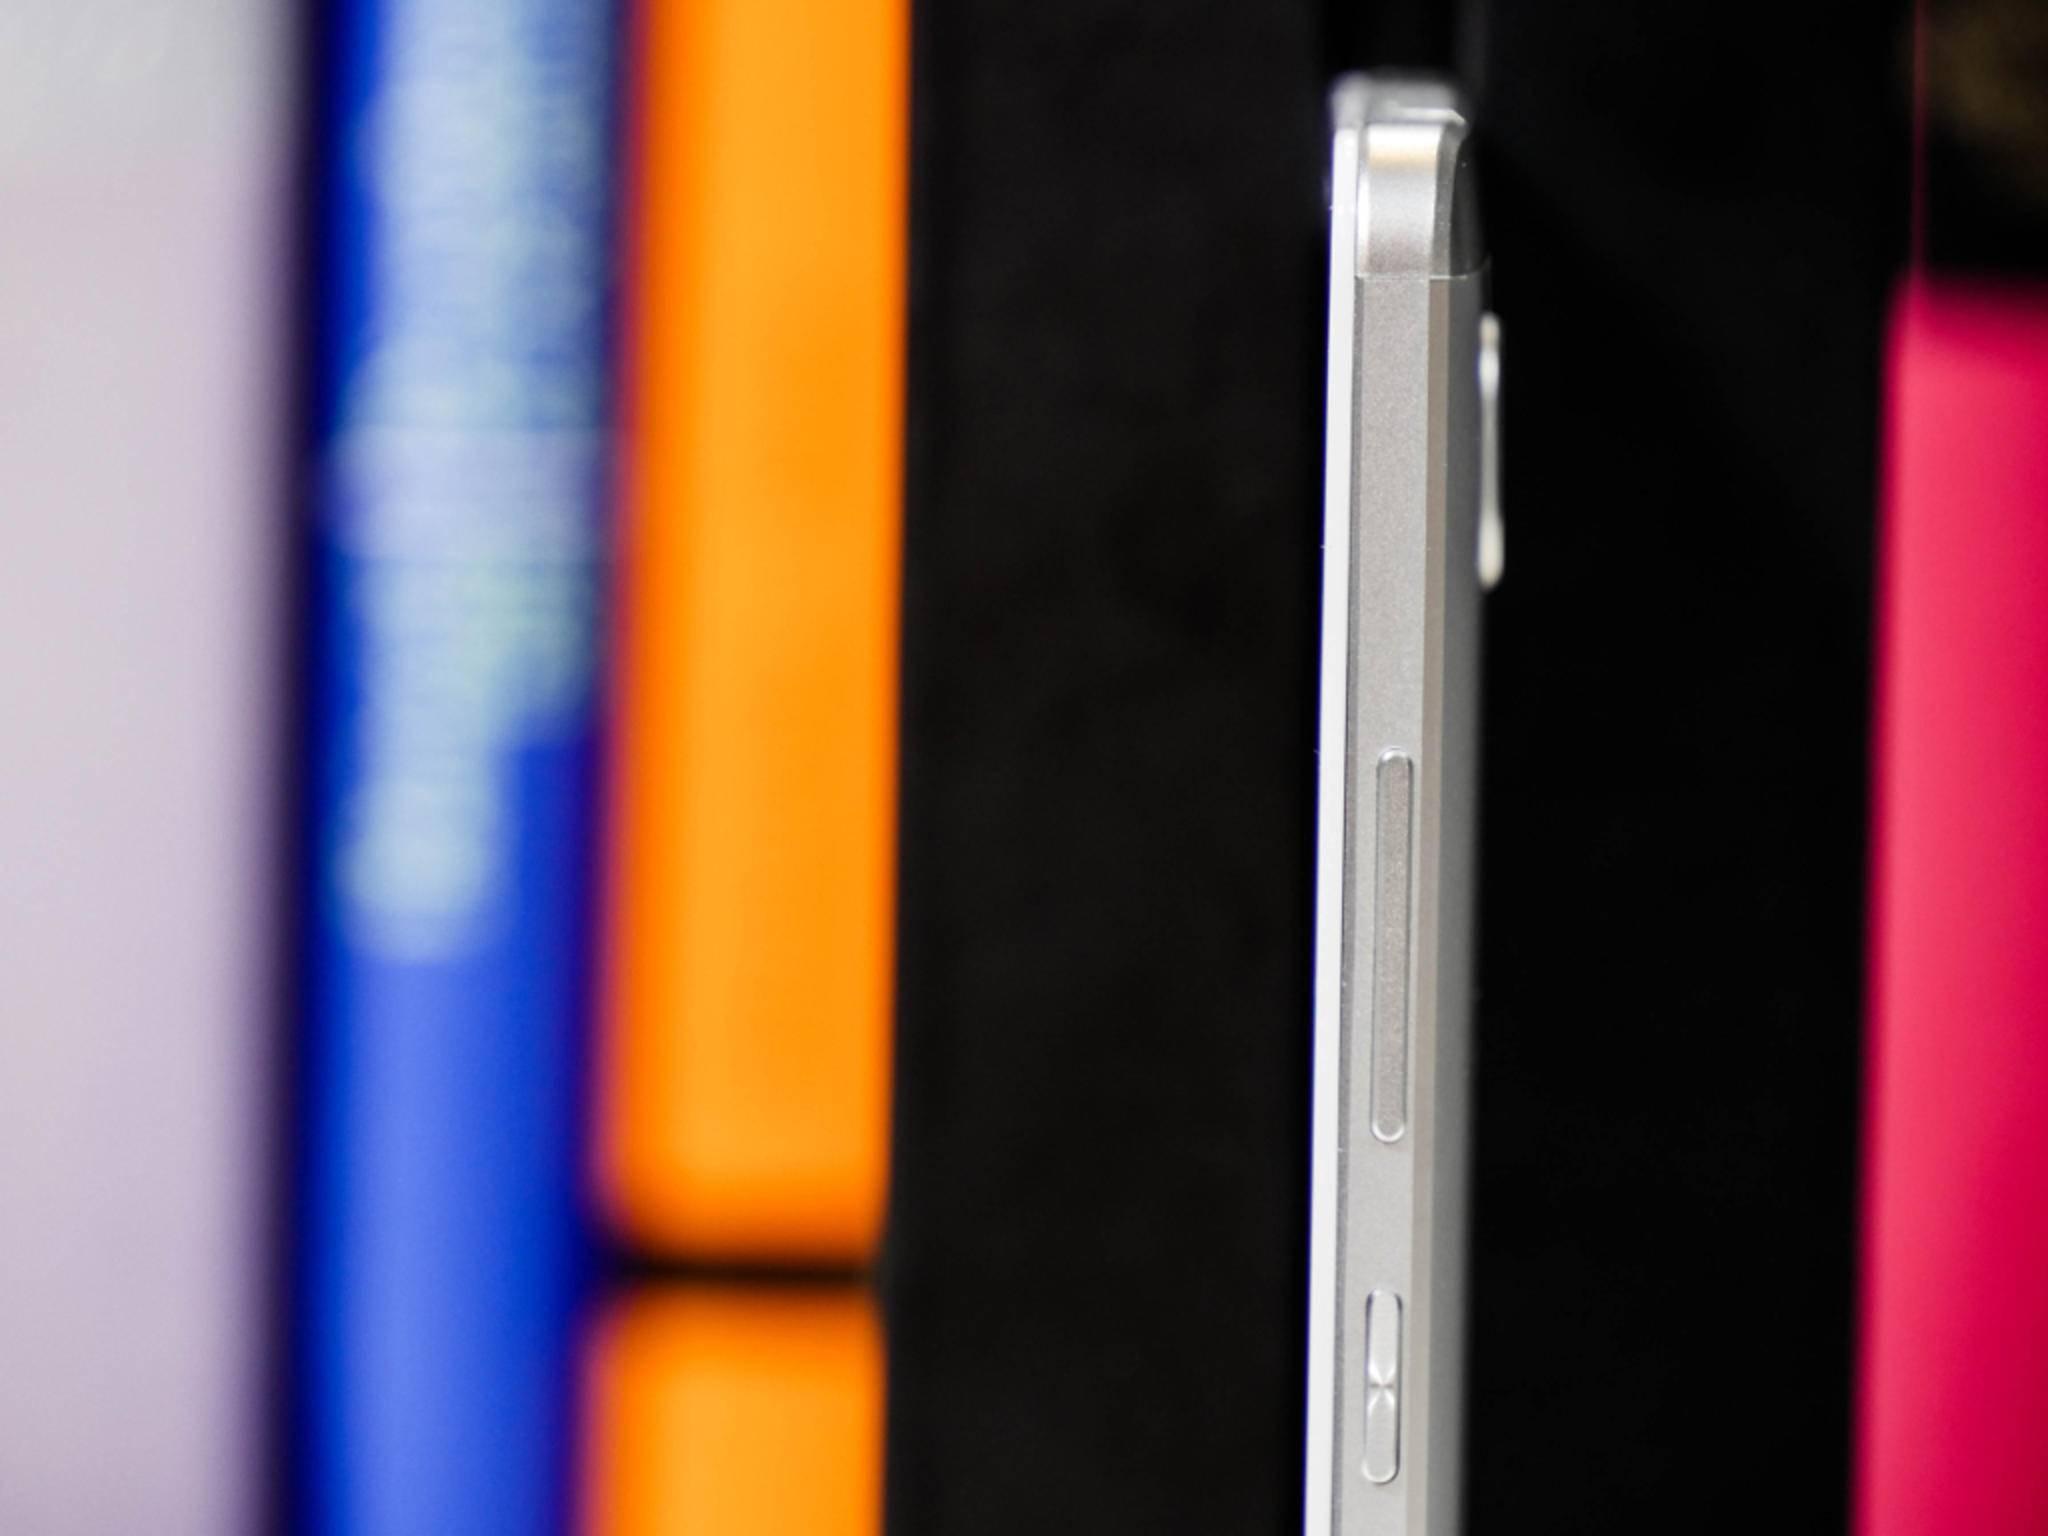 Das Huawei Ascend Mate 7 ist mit nur 7,9 Millimetern schön dünn.